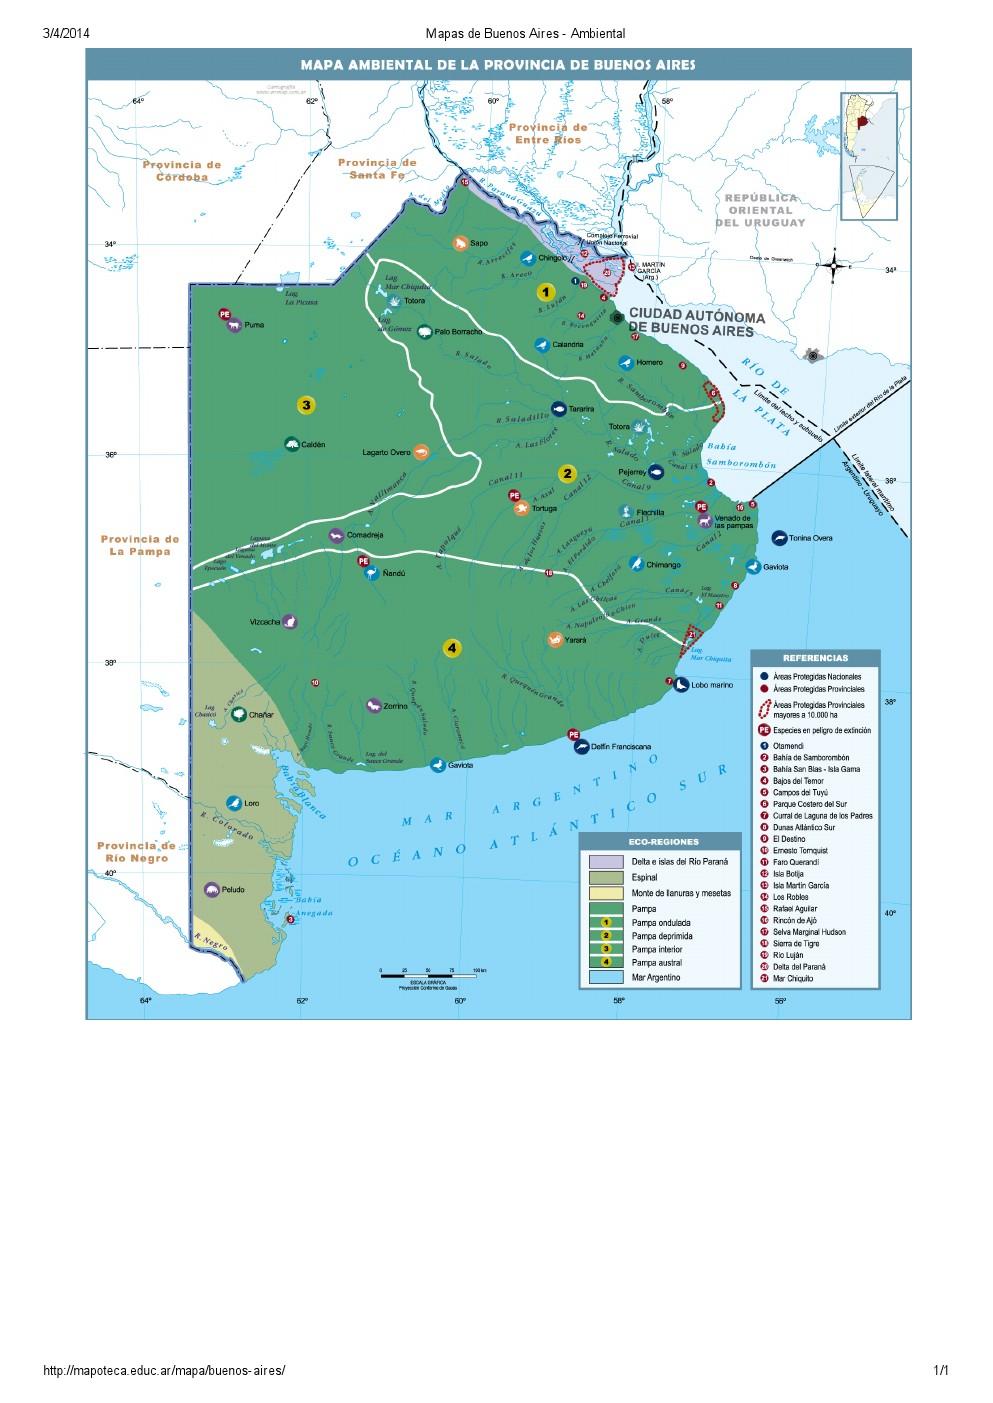 Mapa ambiental de Buenos Aires. Mapoteca de Educ.ar